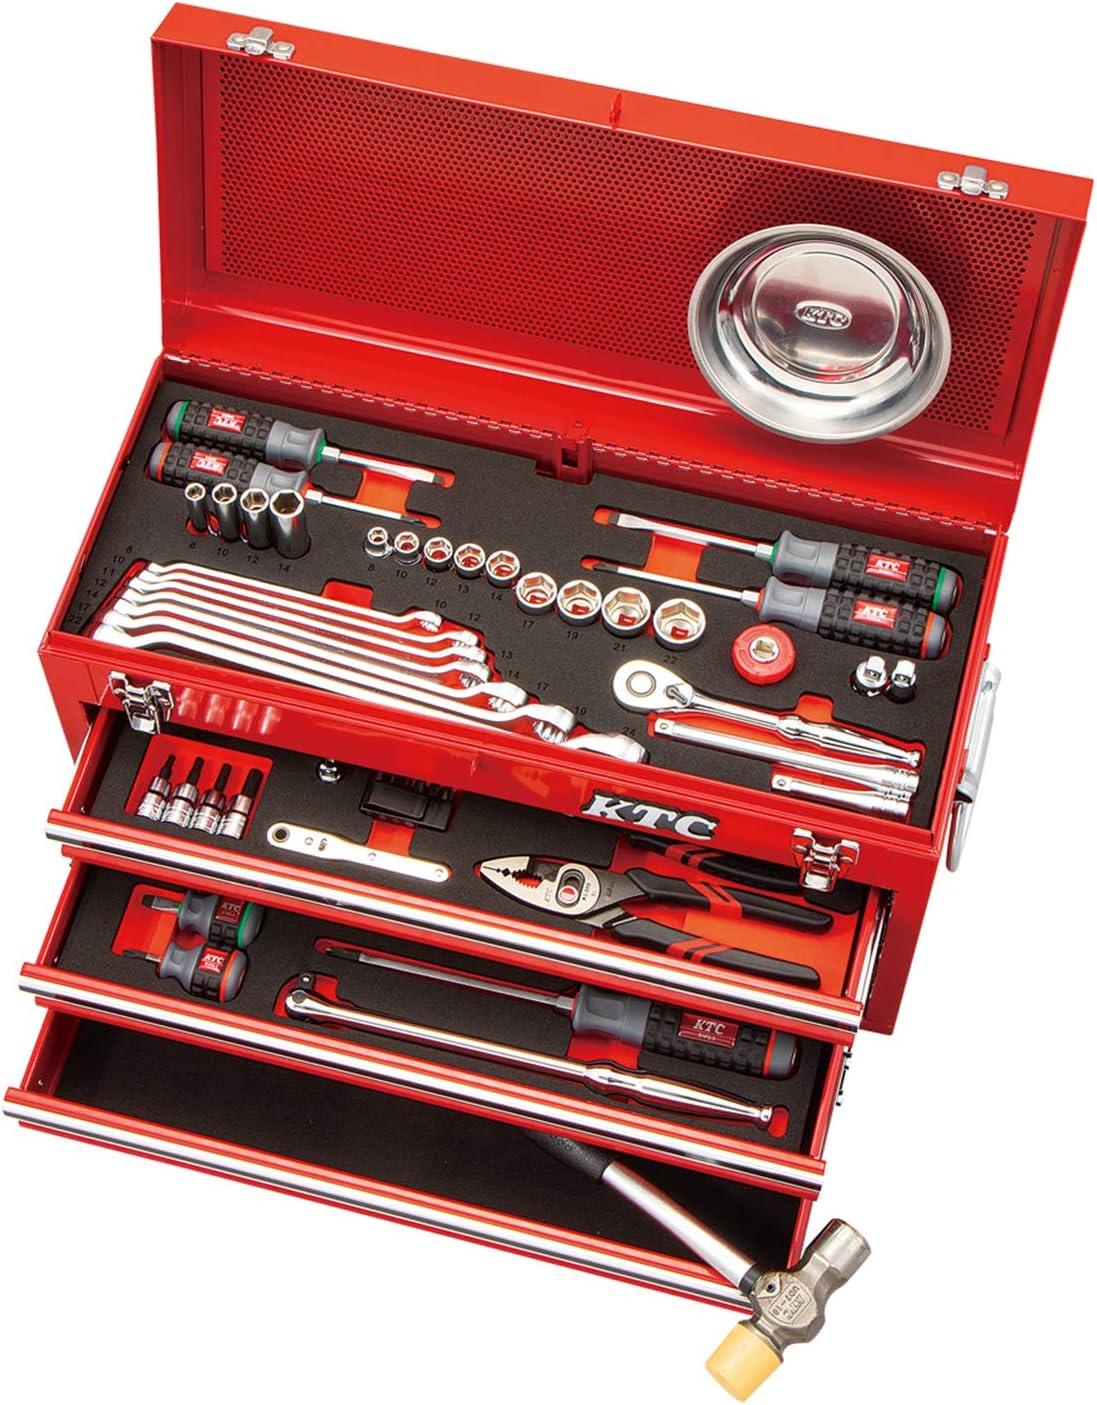 工具セットの人気おすすめランキング11選【プロも使用するものやアストロプロダクツの商品も】のサムネイル画像